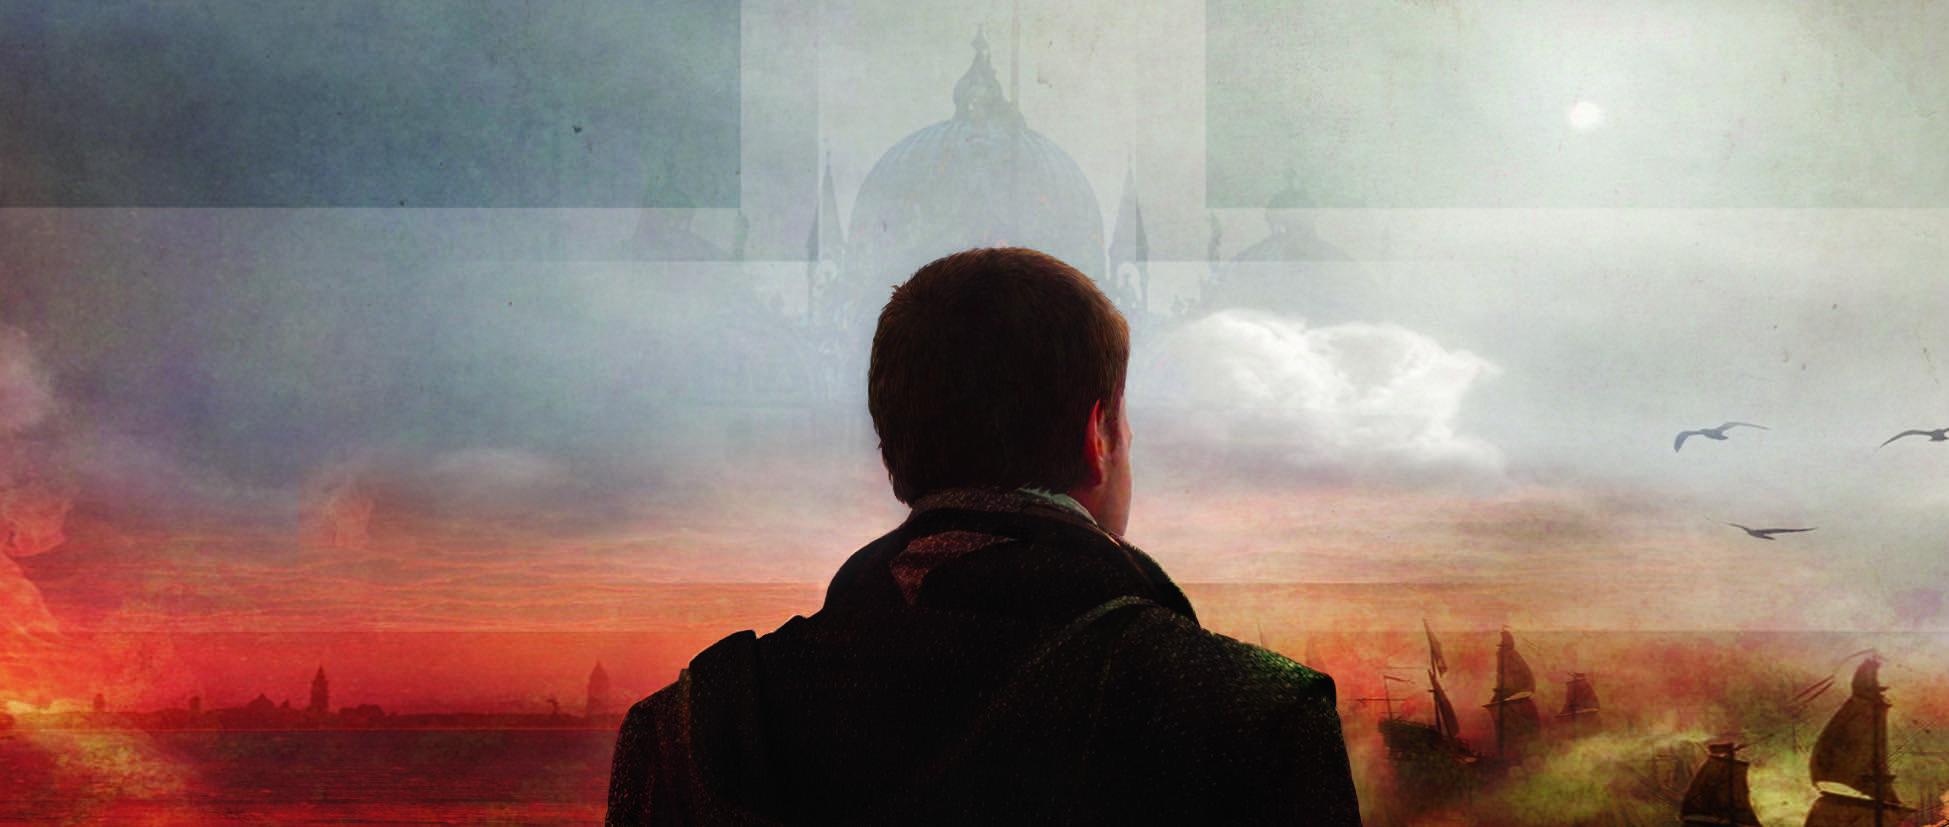 Venice Rising (Pepito Produzioni) di Pietro Seghetti tra i progetti di MIA|TV Drama Series Pitching Forum